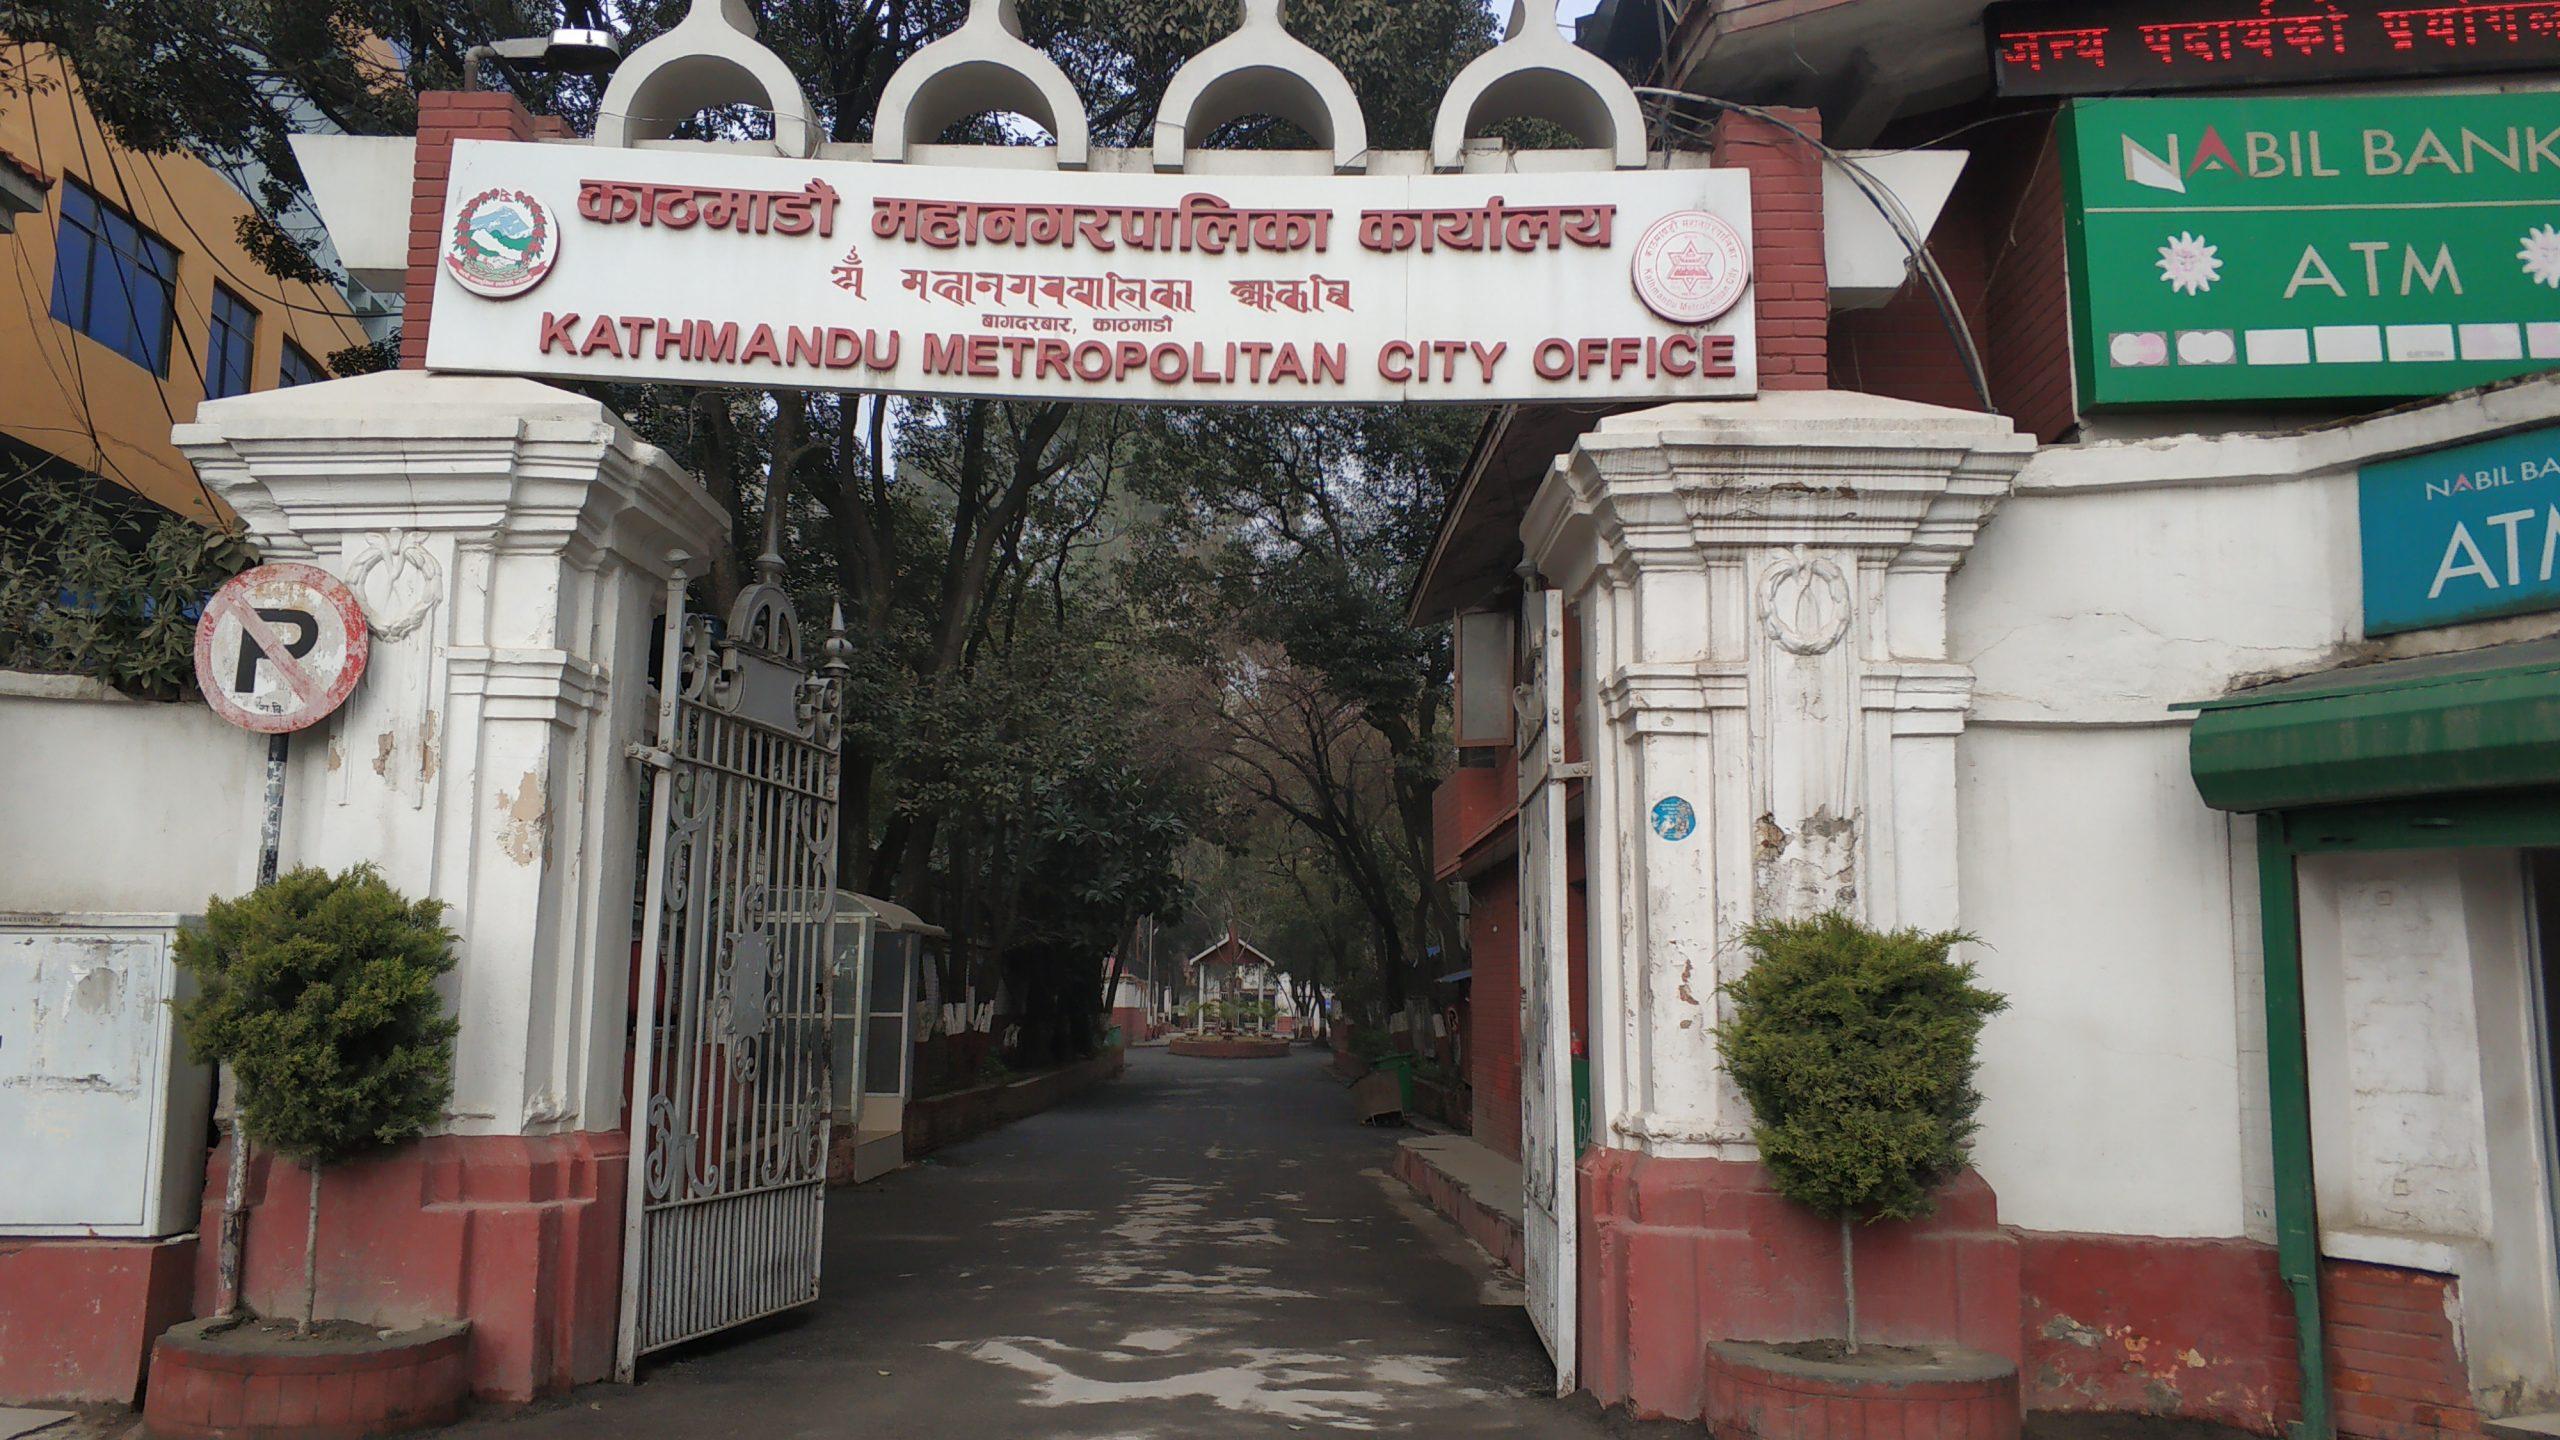 काठमाडौंका यी घर, पसल र व्यवसायलाई महानगरले दियो सिल गर्ने चेतावनी